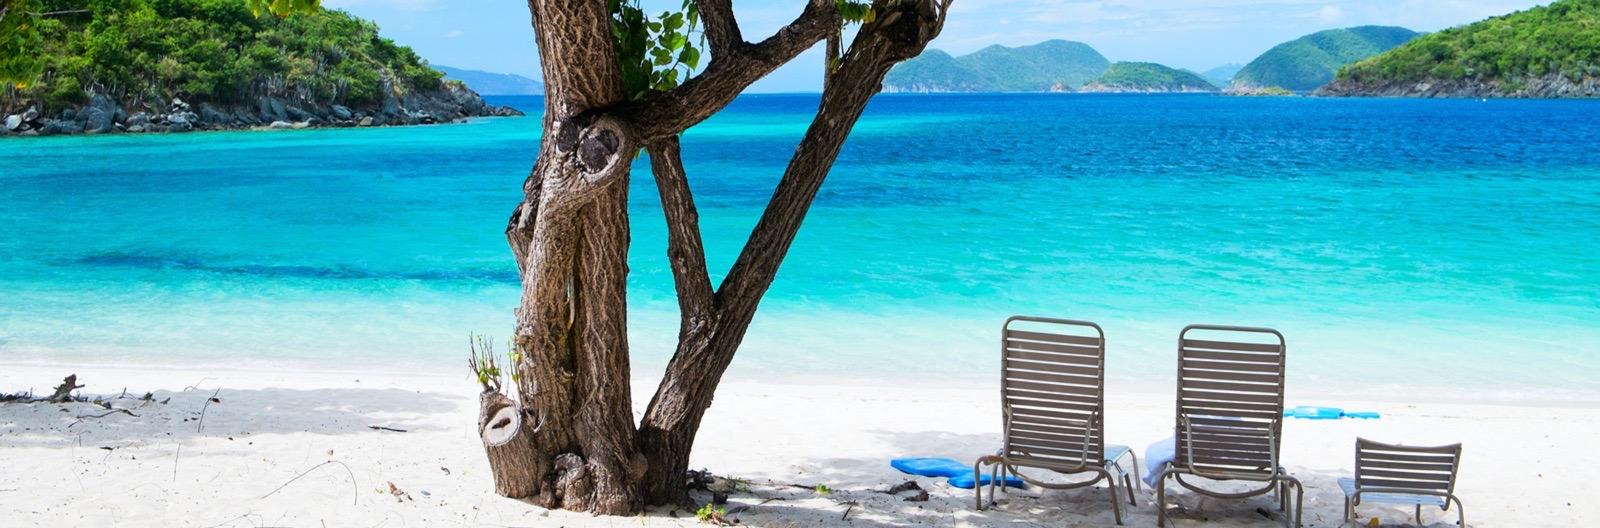 Stränder i US Virgin Islands